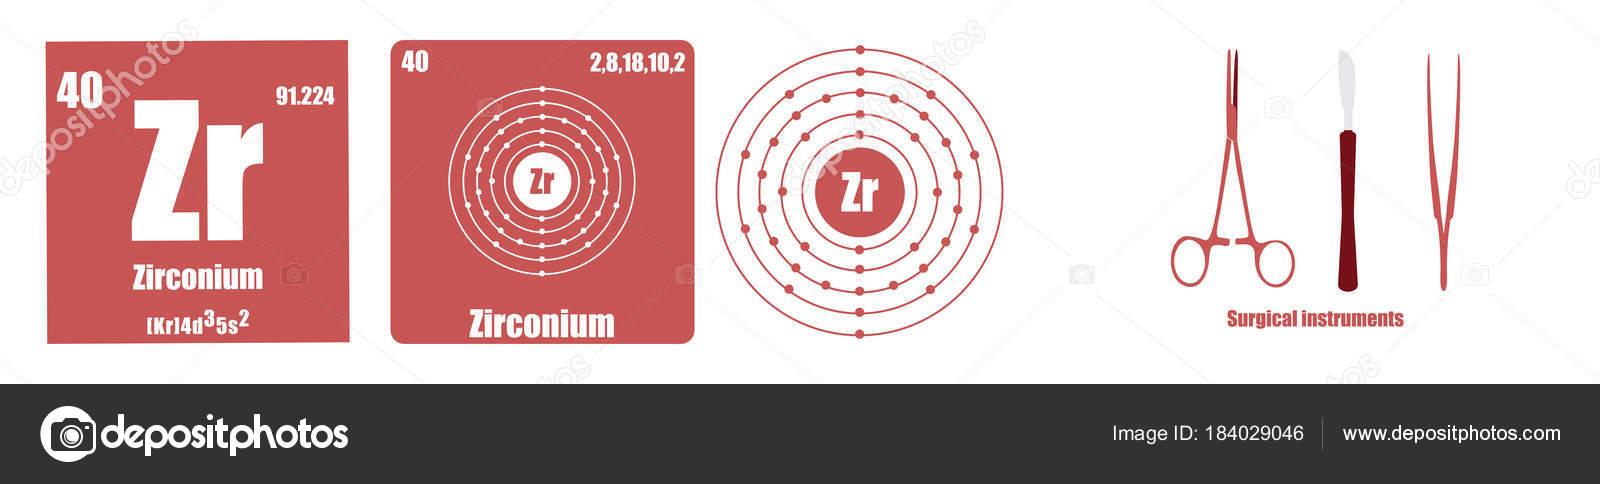 Tabla periodica de los elemento de transicin metales de circonio tabla periodica de los elemento de transicin metales de circonio archivo imgenes vectoriales urtaz Choice Image